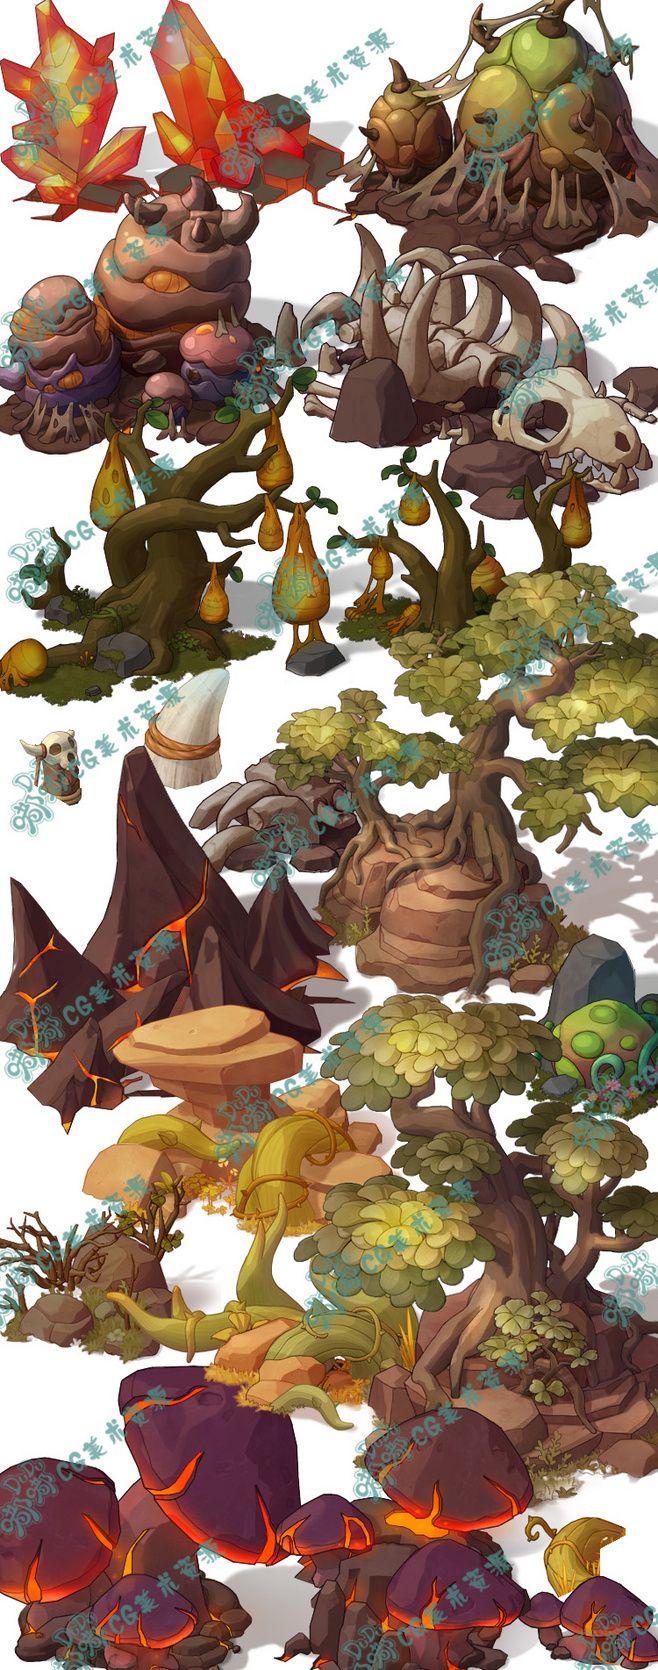 320 游戏美术资源 手绘横版 地图拼图...@good~猫宁采集到游戏原画Q版写实角色横版地图日韩中国风(217图)_花瓣游戏